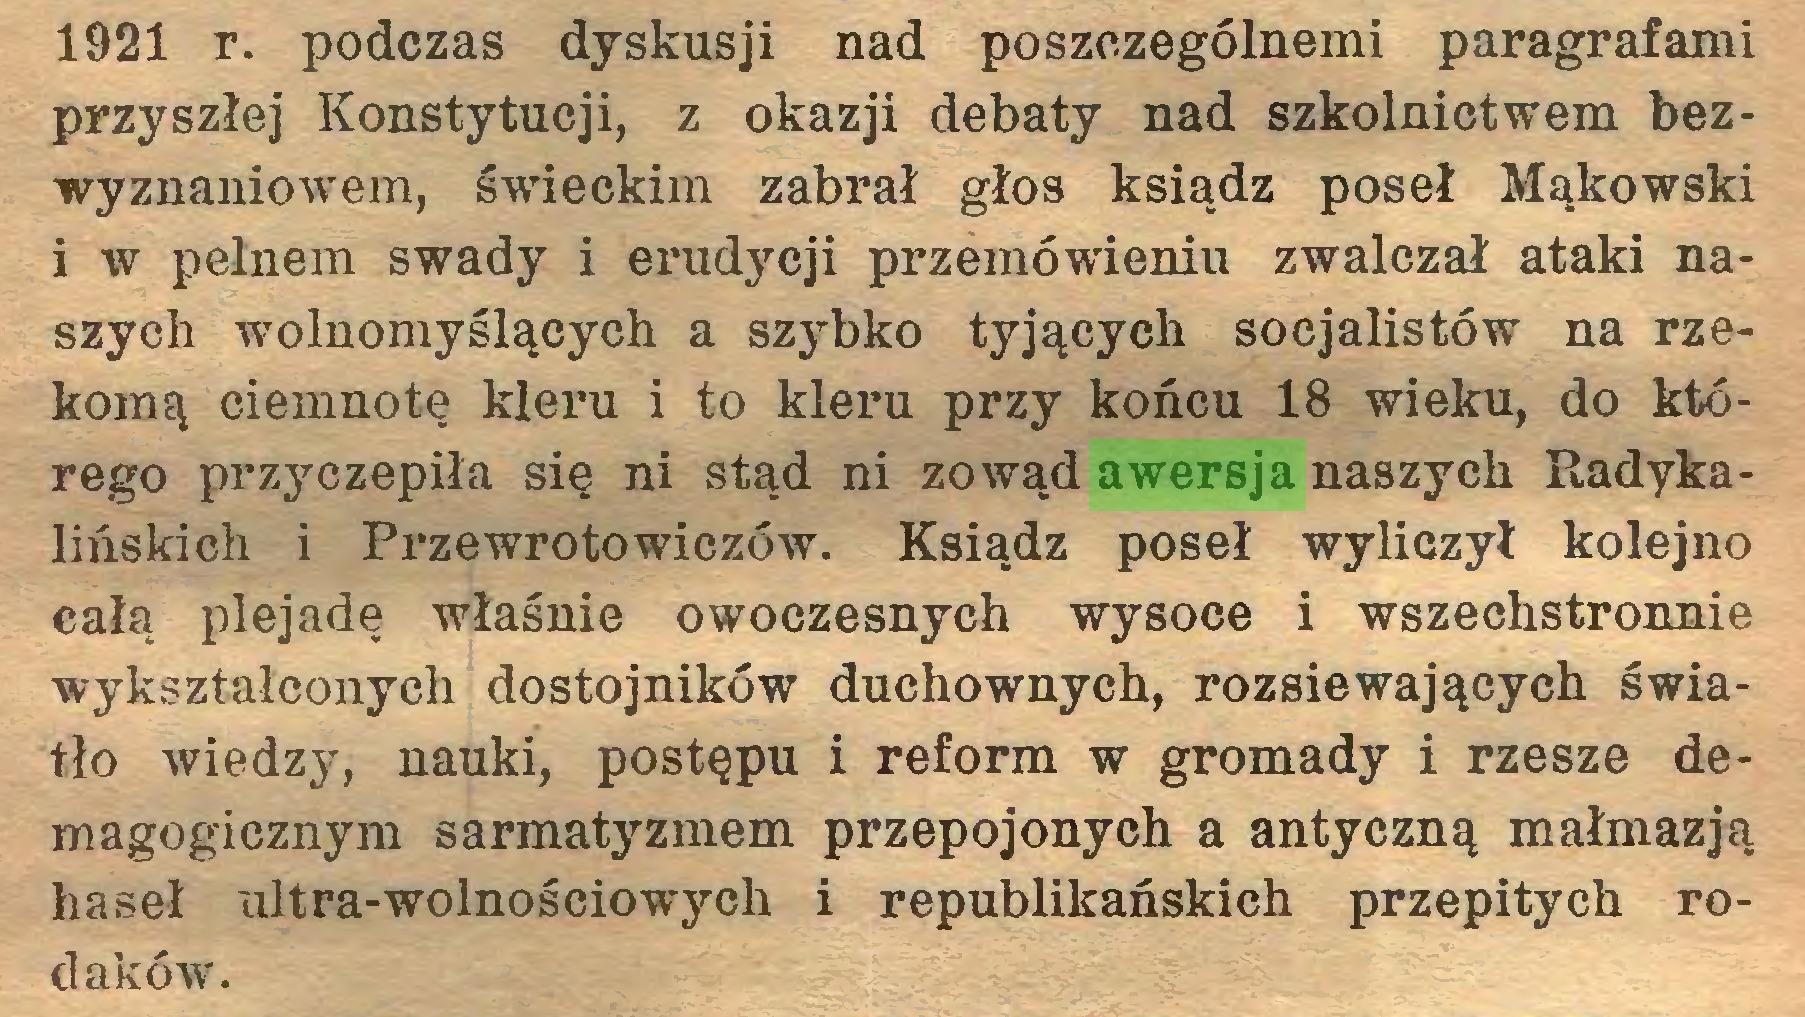 (...) 1921 r. podczas dyskusji nad poszczególnemi paragrafami przyszłej Konstytucji, z okazji debaty nad szkolnictwem bezwyznaniowem, świeckim zabrał głos ksiądz poseł Mąkowski i w pełnem swady i erudycji przemówieniu zwalczał ataki naszych wolnomyślących a szybko tyjących socjalistów na rzekomą ciemnotę kleru i to kleru przy końcu 18 wieku, do którego przyczepiła się ni stąd ni zowąd awersja naszych Radykalińskich i Przewrotowiczów. Ksiądz poseł wyliczył kolejno całą plejadę właśnie owoczesnych wysoce i wszechstronnie wykształconych dostojników duchownych, rozsiewających światło wiedzy, nauki, postępu i reform w gromady i rzesze demagogicznym sarmatyzmem przepojonych a antyczną małmazją haseł altra-wolnościowych i republikańskich przepitych rodaków...